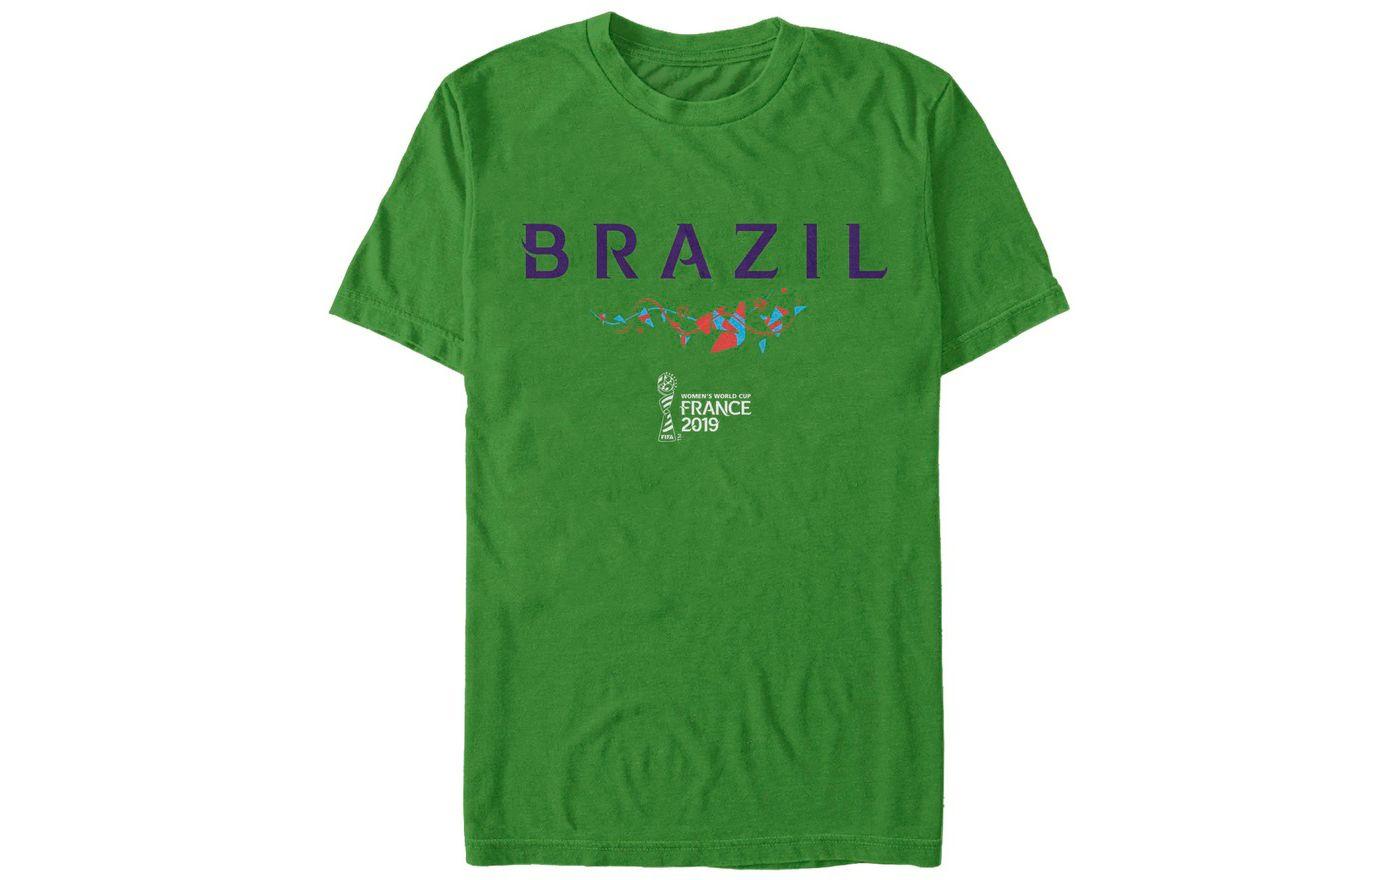 Fifth Sun Men's 2019 Women's FIFA World Cup Brazil Graphic Green T-Shirt